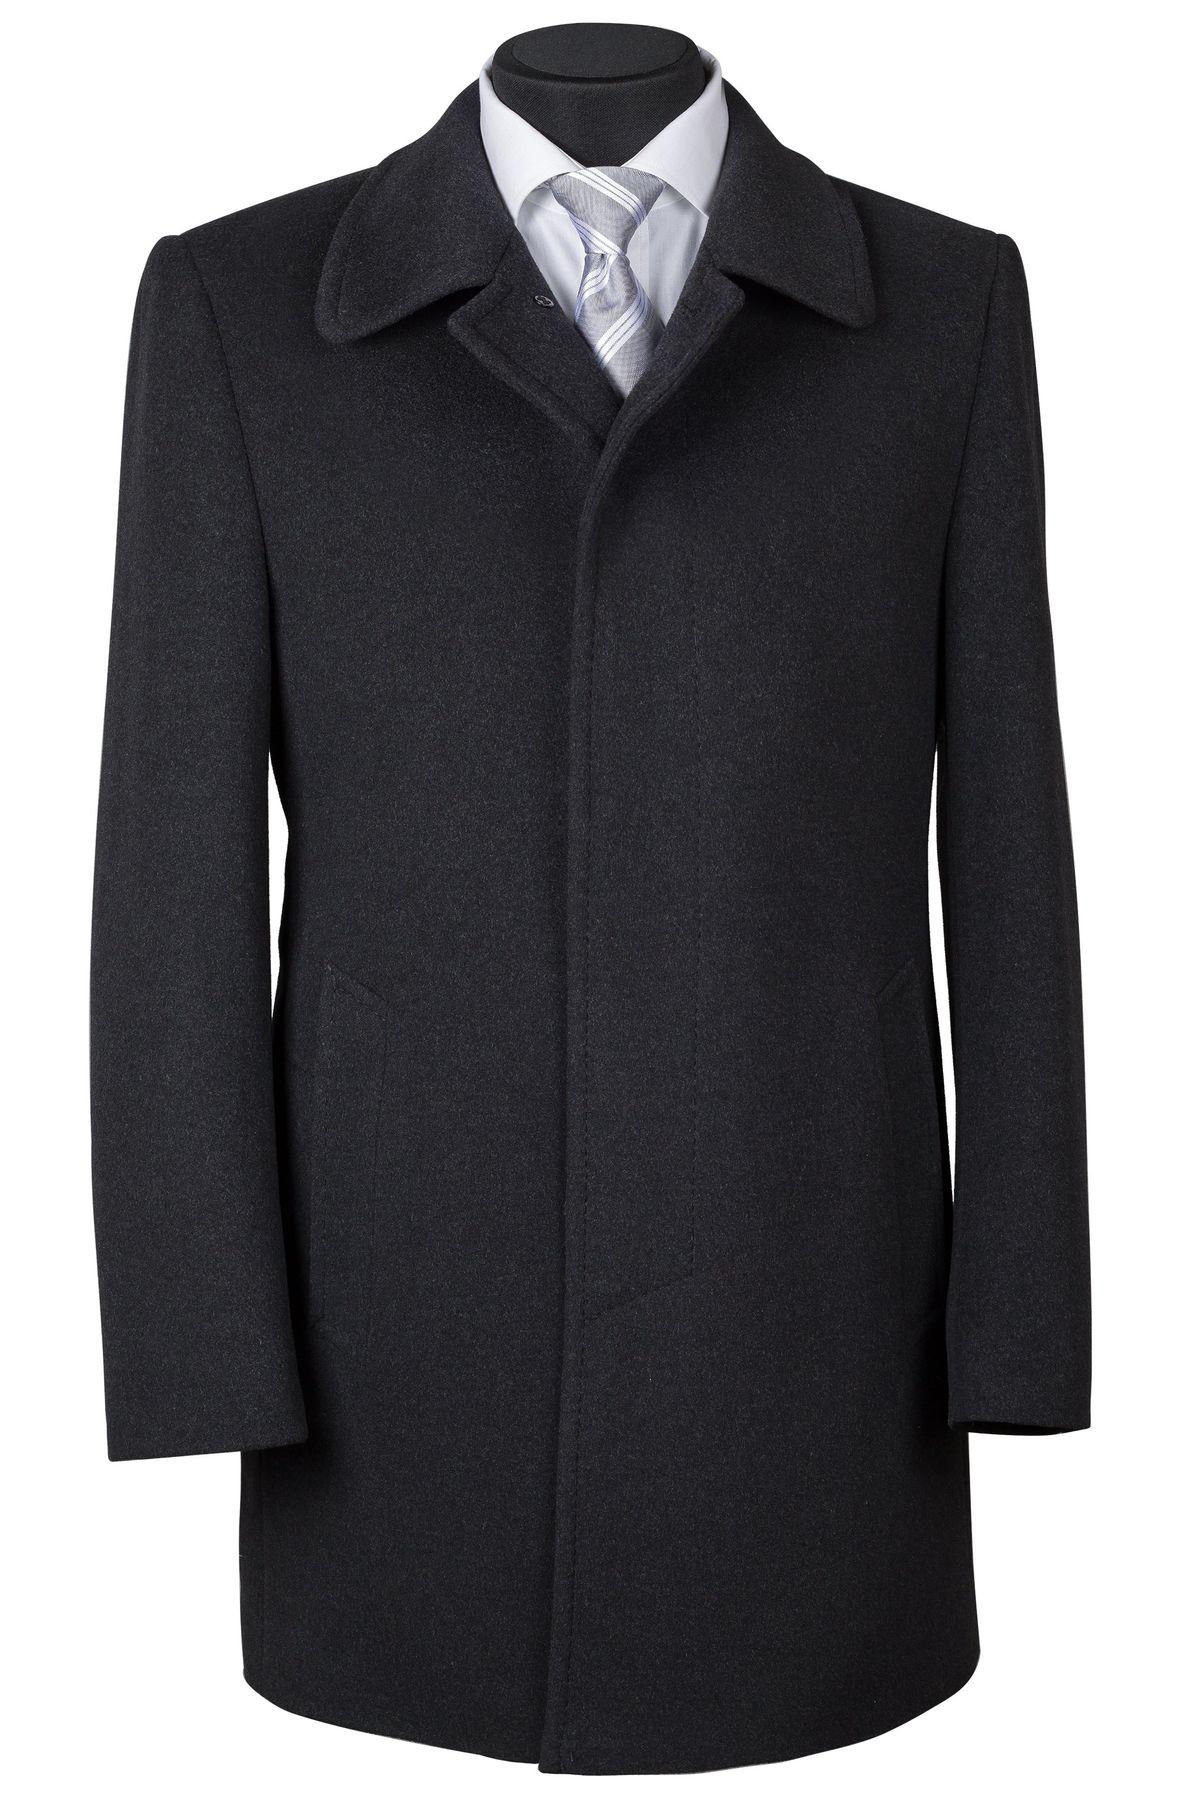 9116de2c57c2 Пальто Марсель1Ттемно-серый(к-000003585) 6 500 грн - грн.